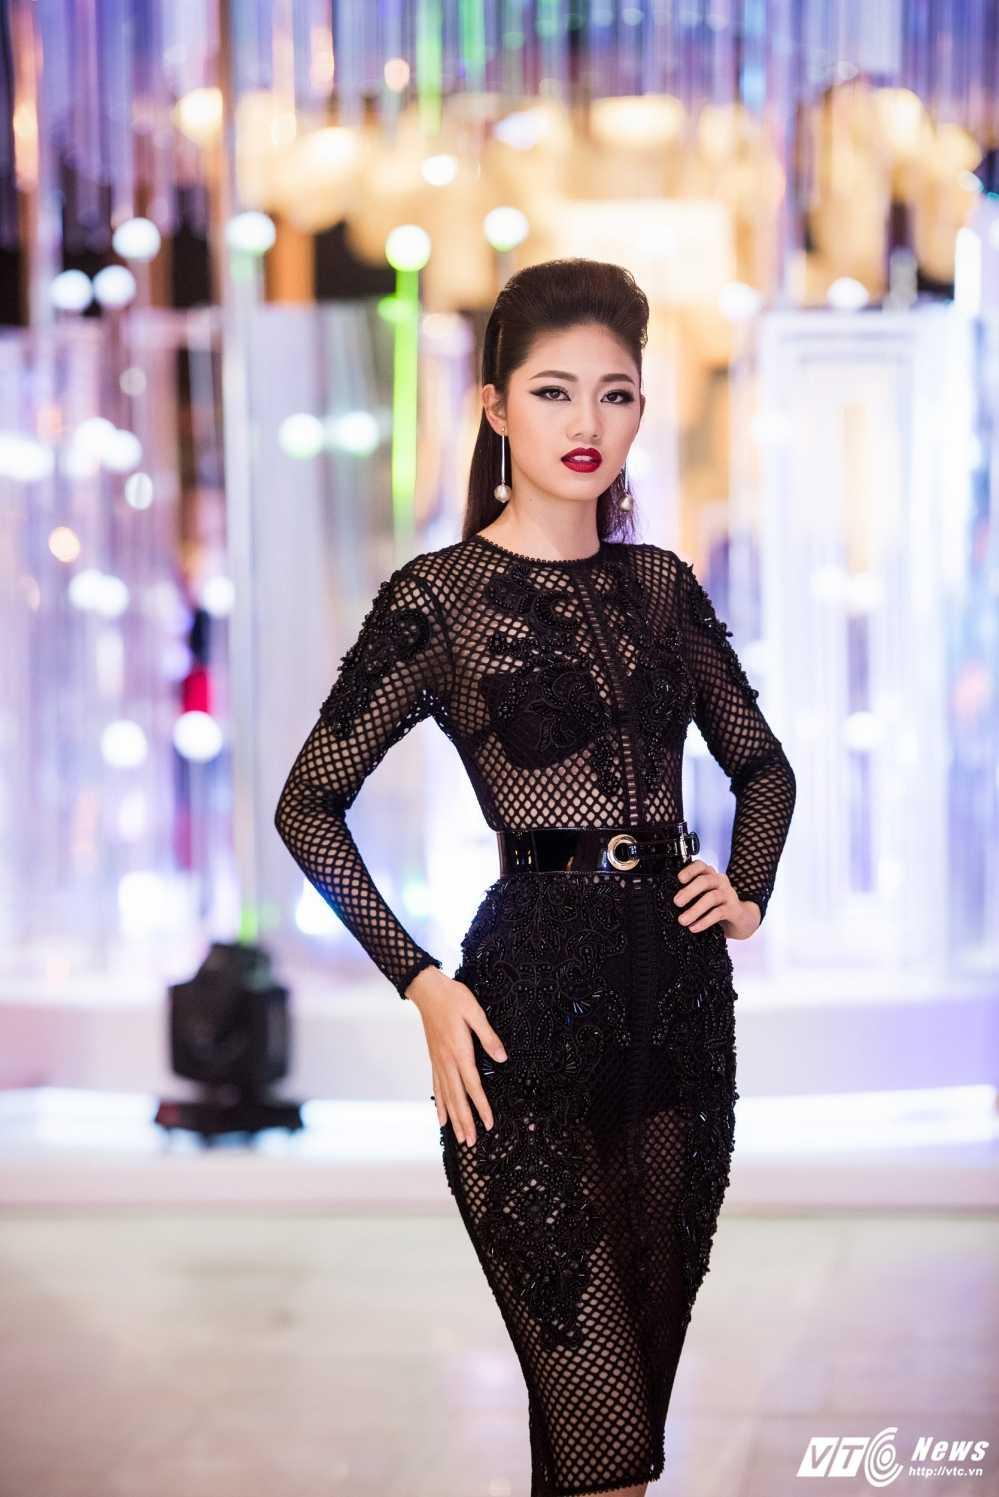 Hoa hau My Linh 'lot xac' ca tinh, A hau Thanh Tu mac goi cam tao bao hinh anh 9